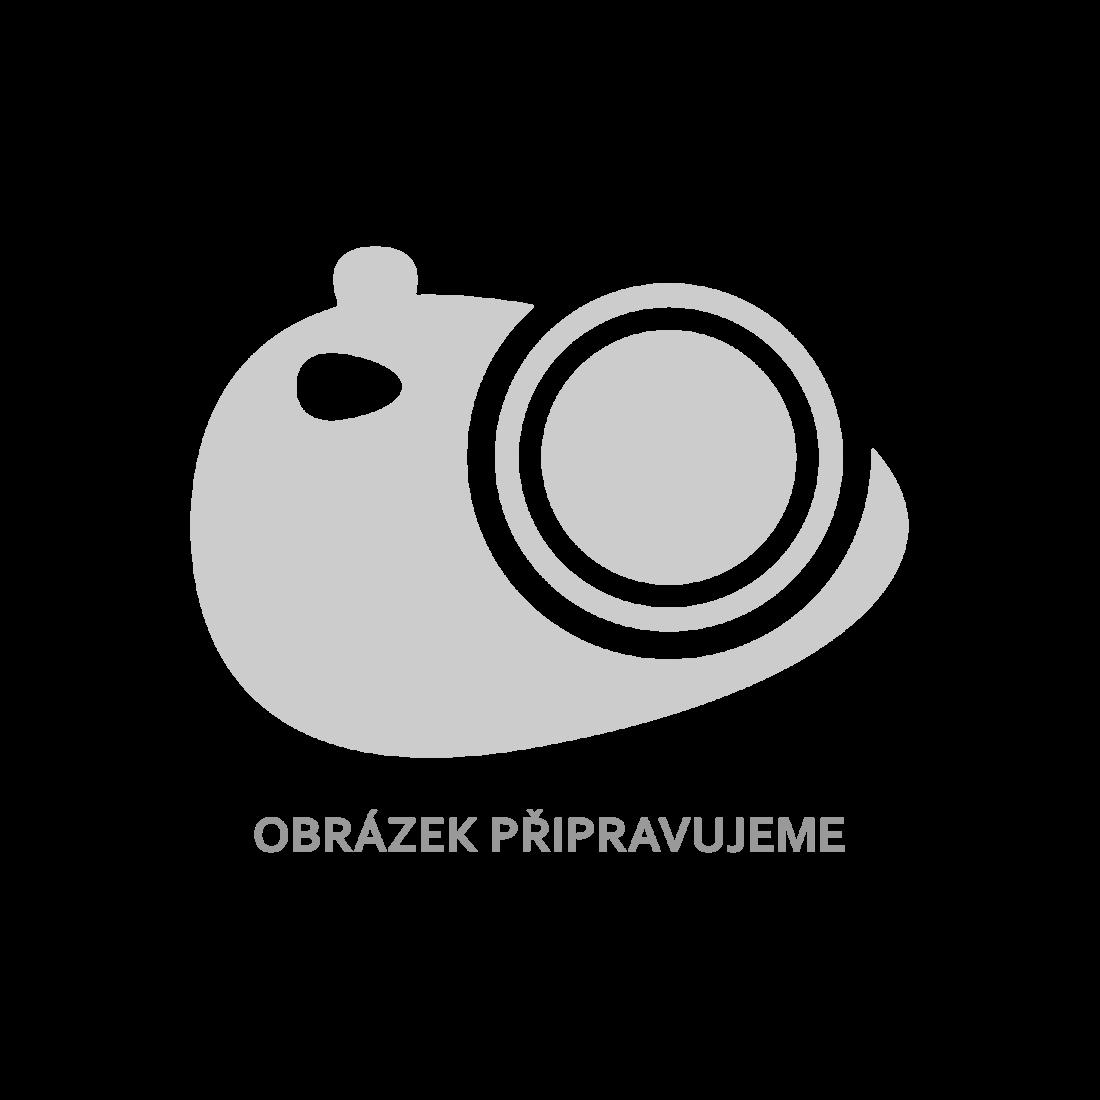 vidaXL Zahradní stůl černý 70 x 70 x 73 cm polyratan [310465]